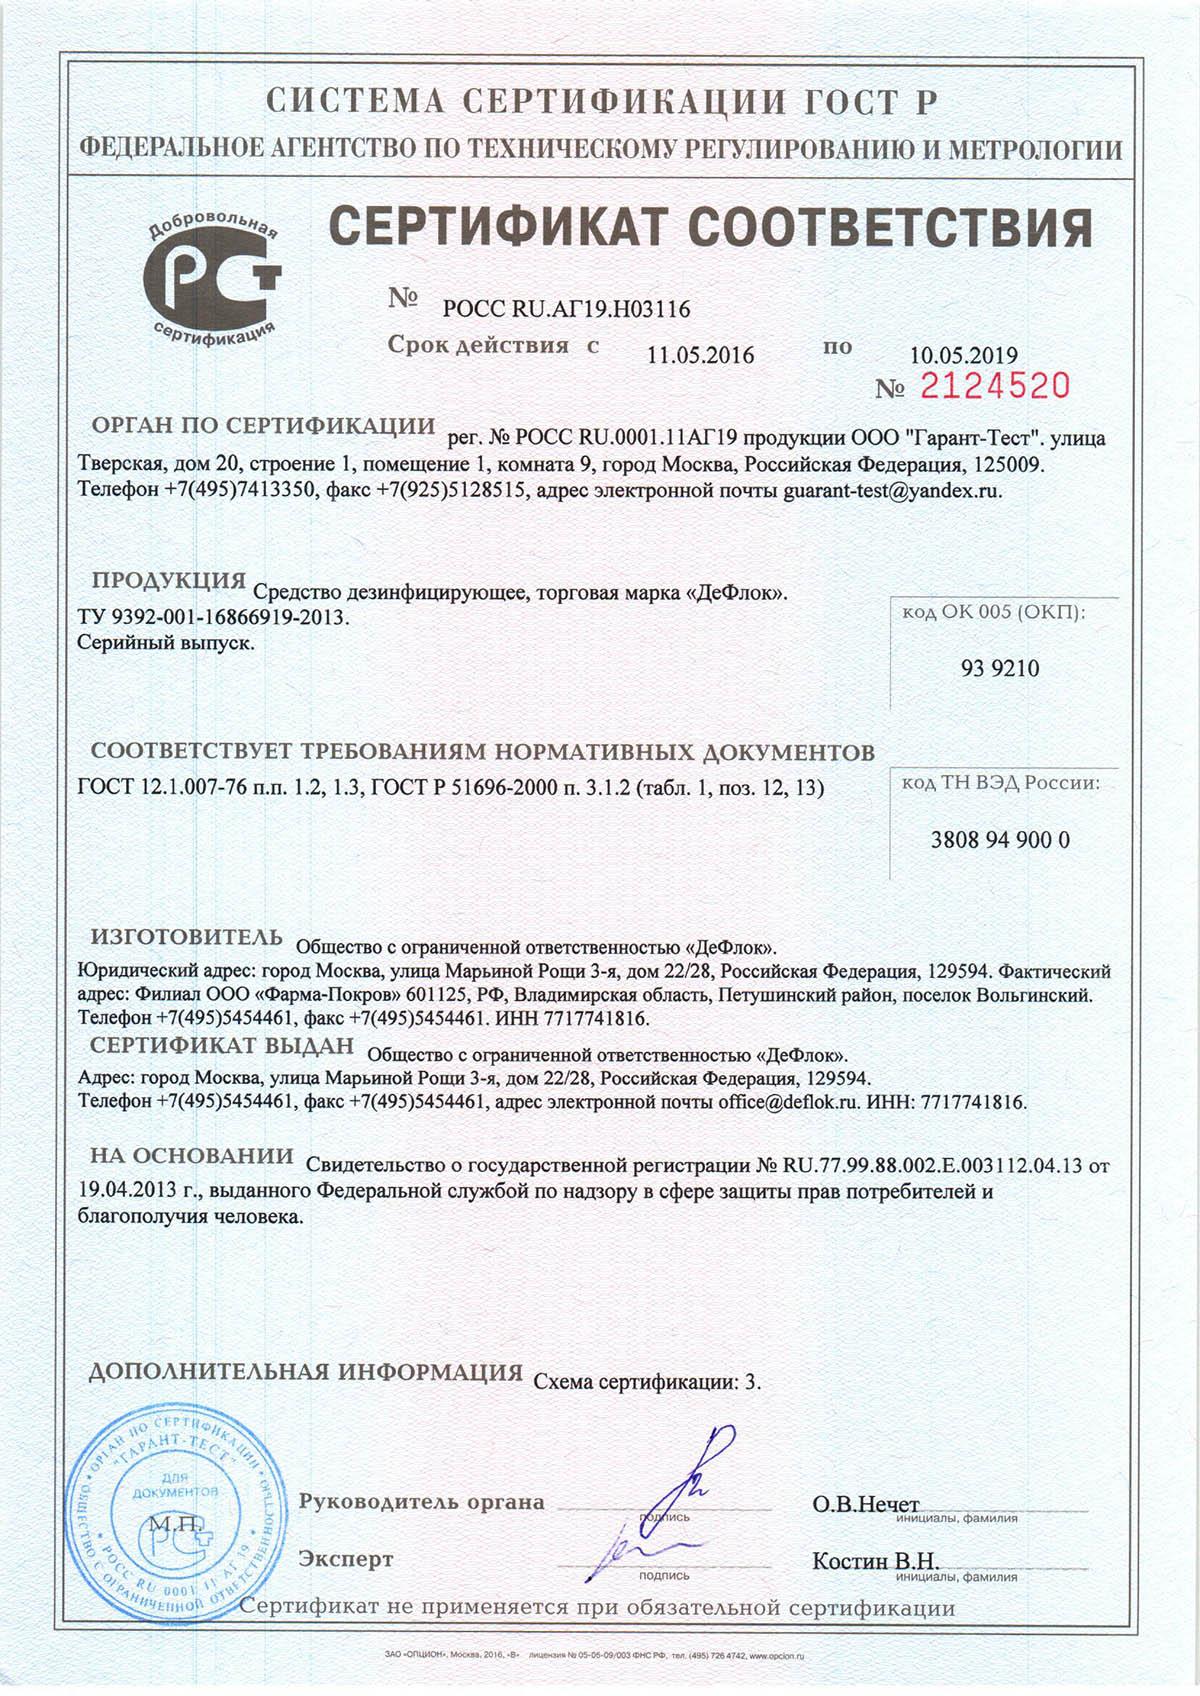 декларация о безопасности пластиковых отходов 1200 x 1696 · jpeg